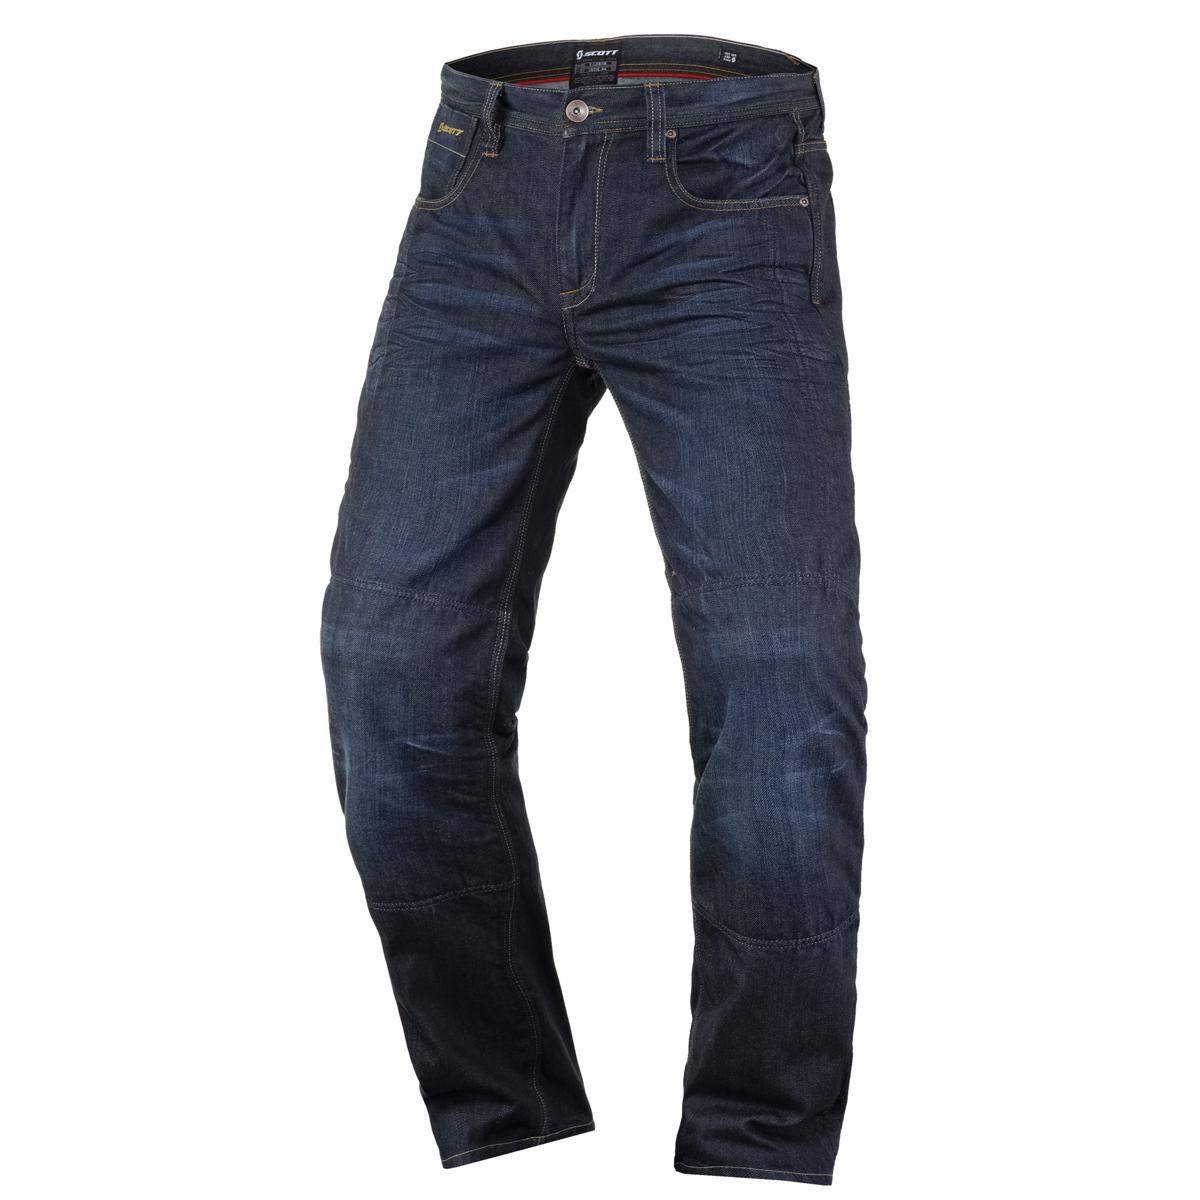 scott denim motorrad jeans hose blau 2019 von top marken. Black Bedroom Furniture Sets. Home Design Ideas